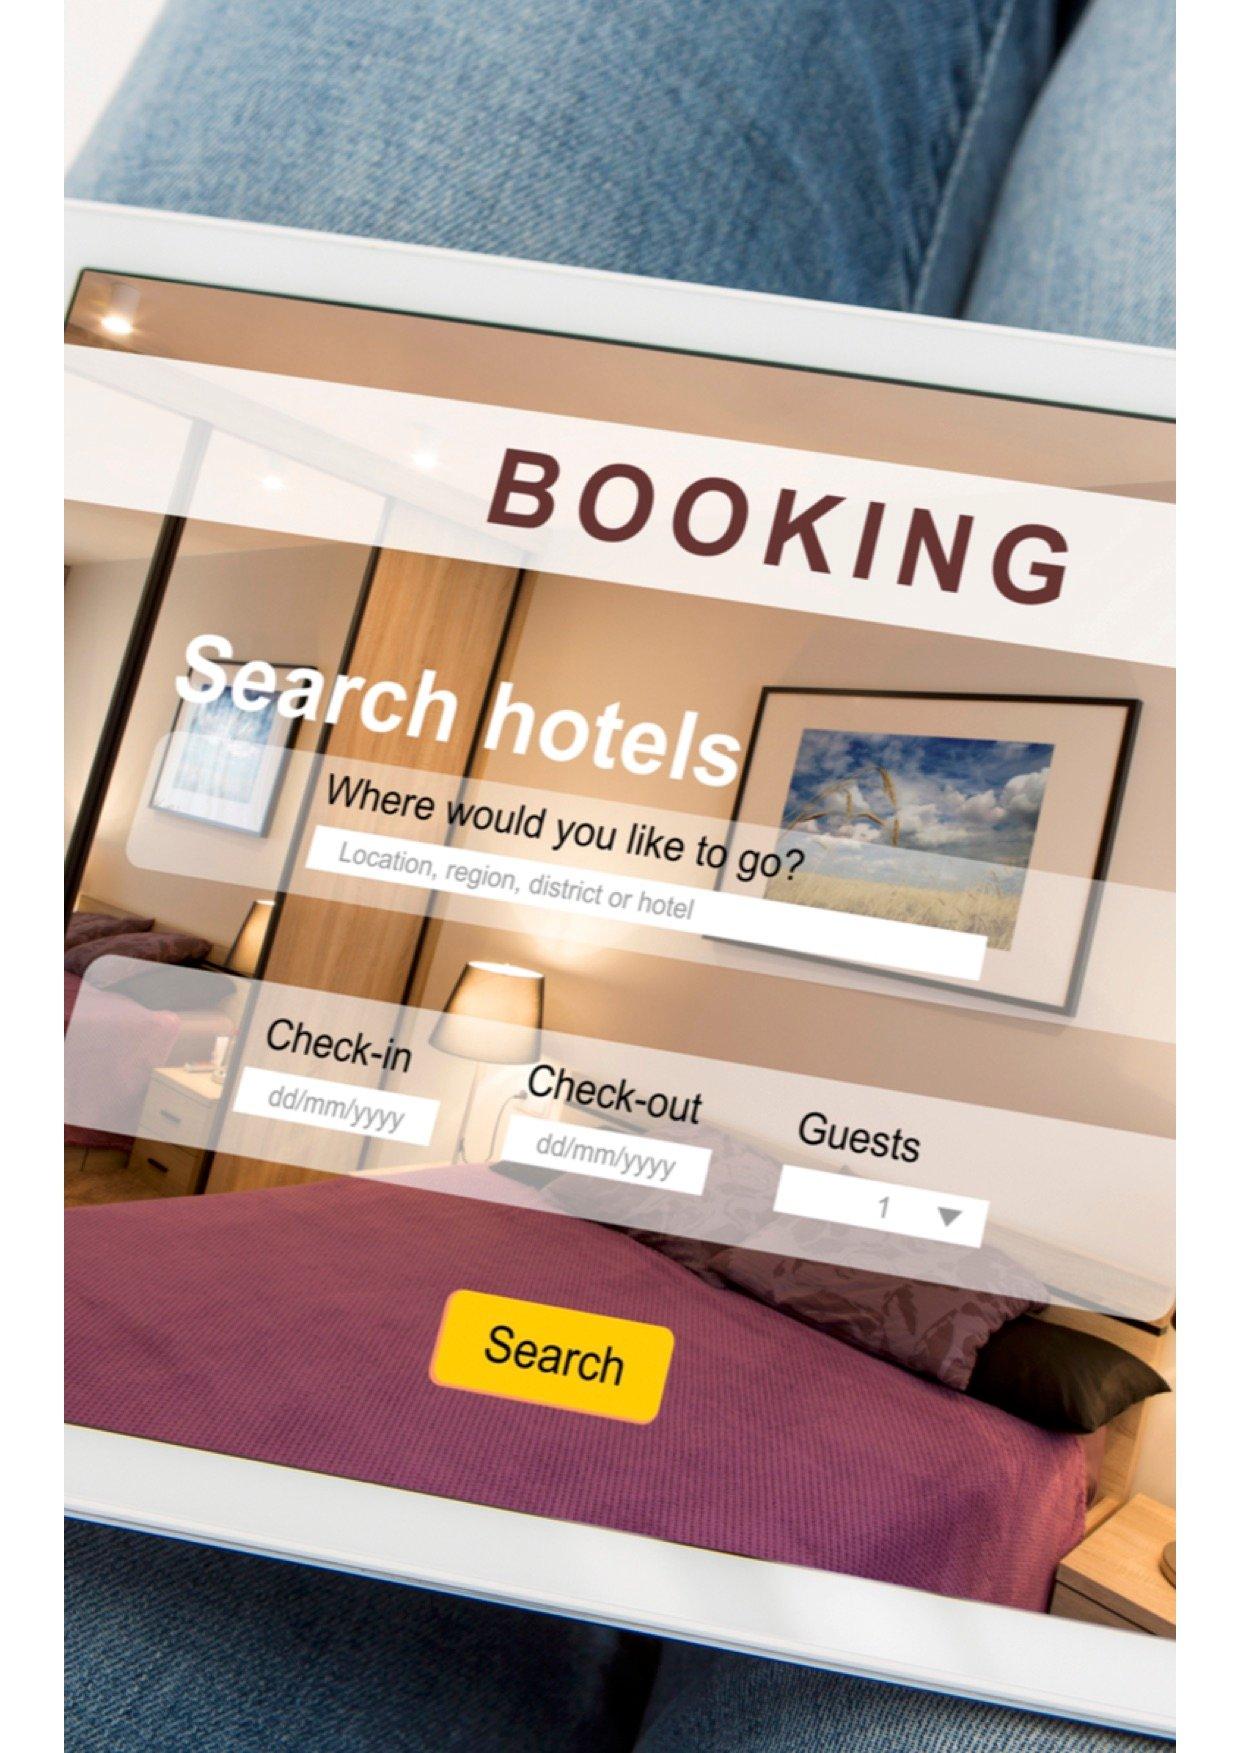 Vendita efficace per il tuo hotel: come dove e quando